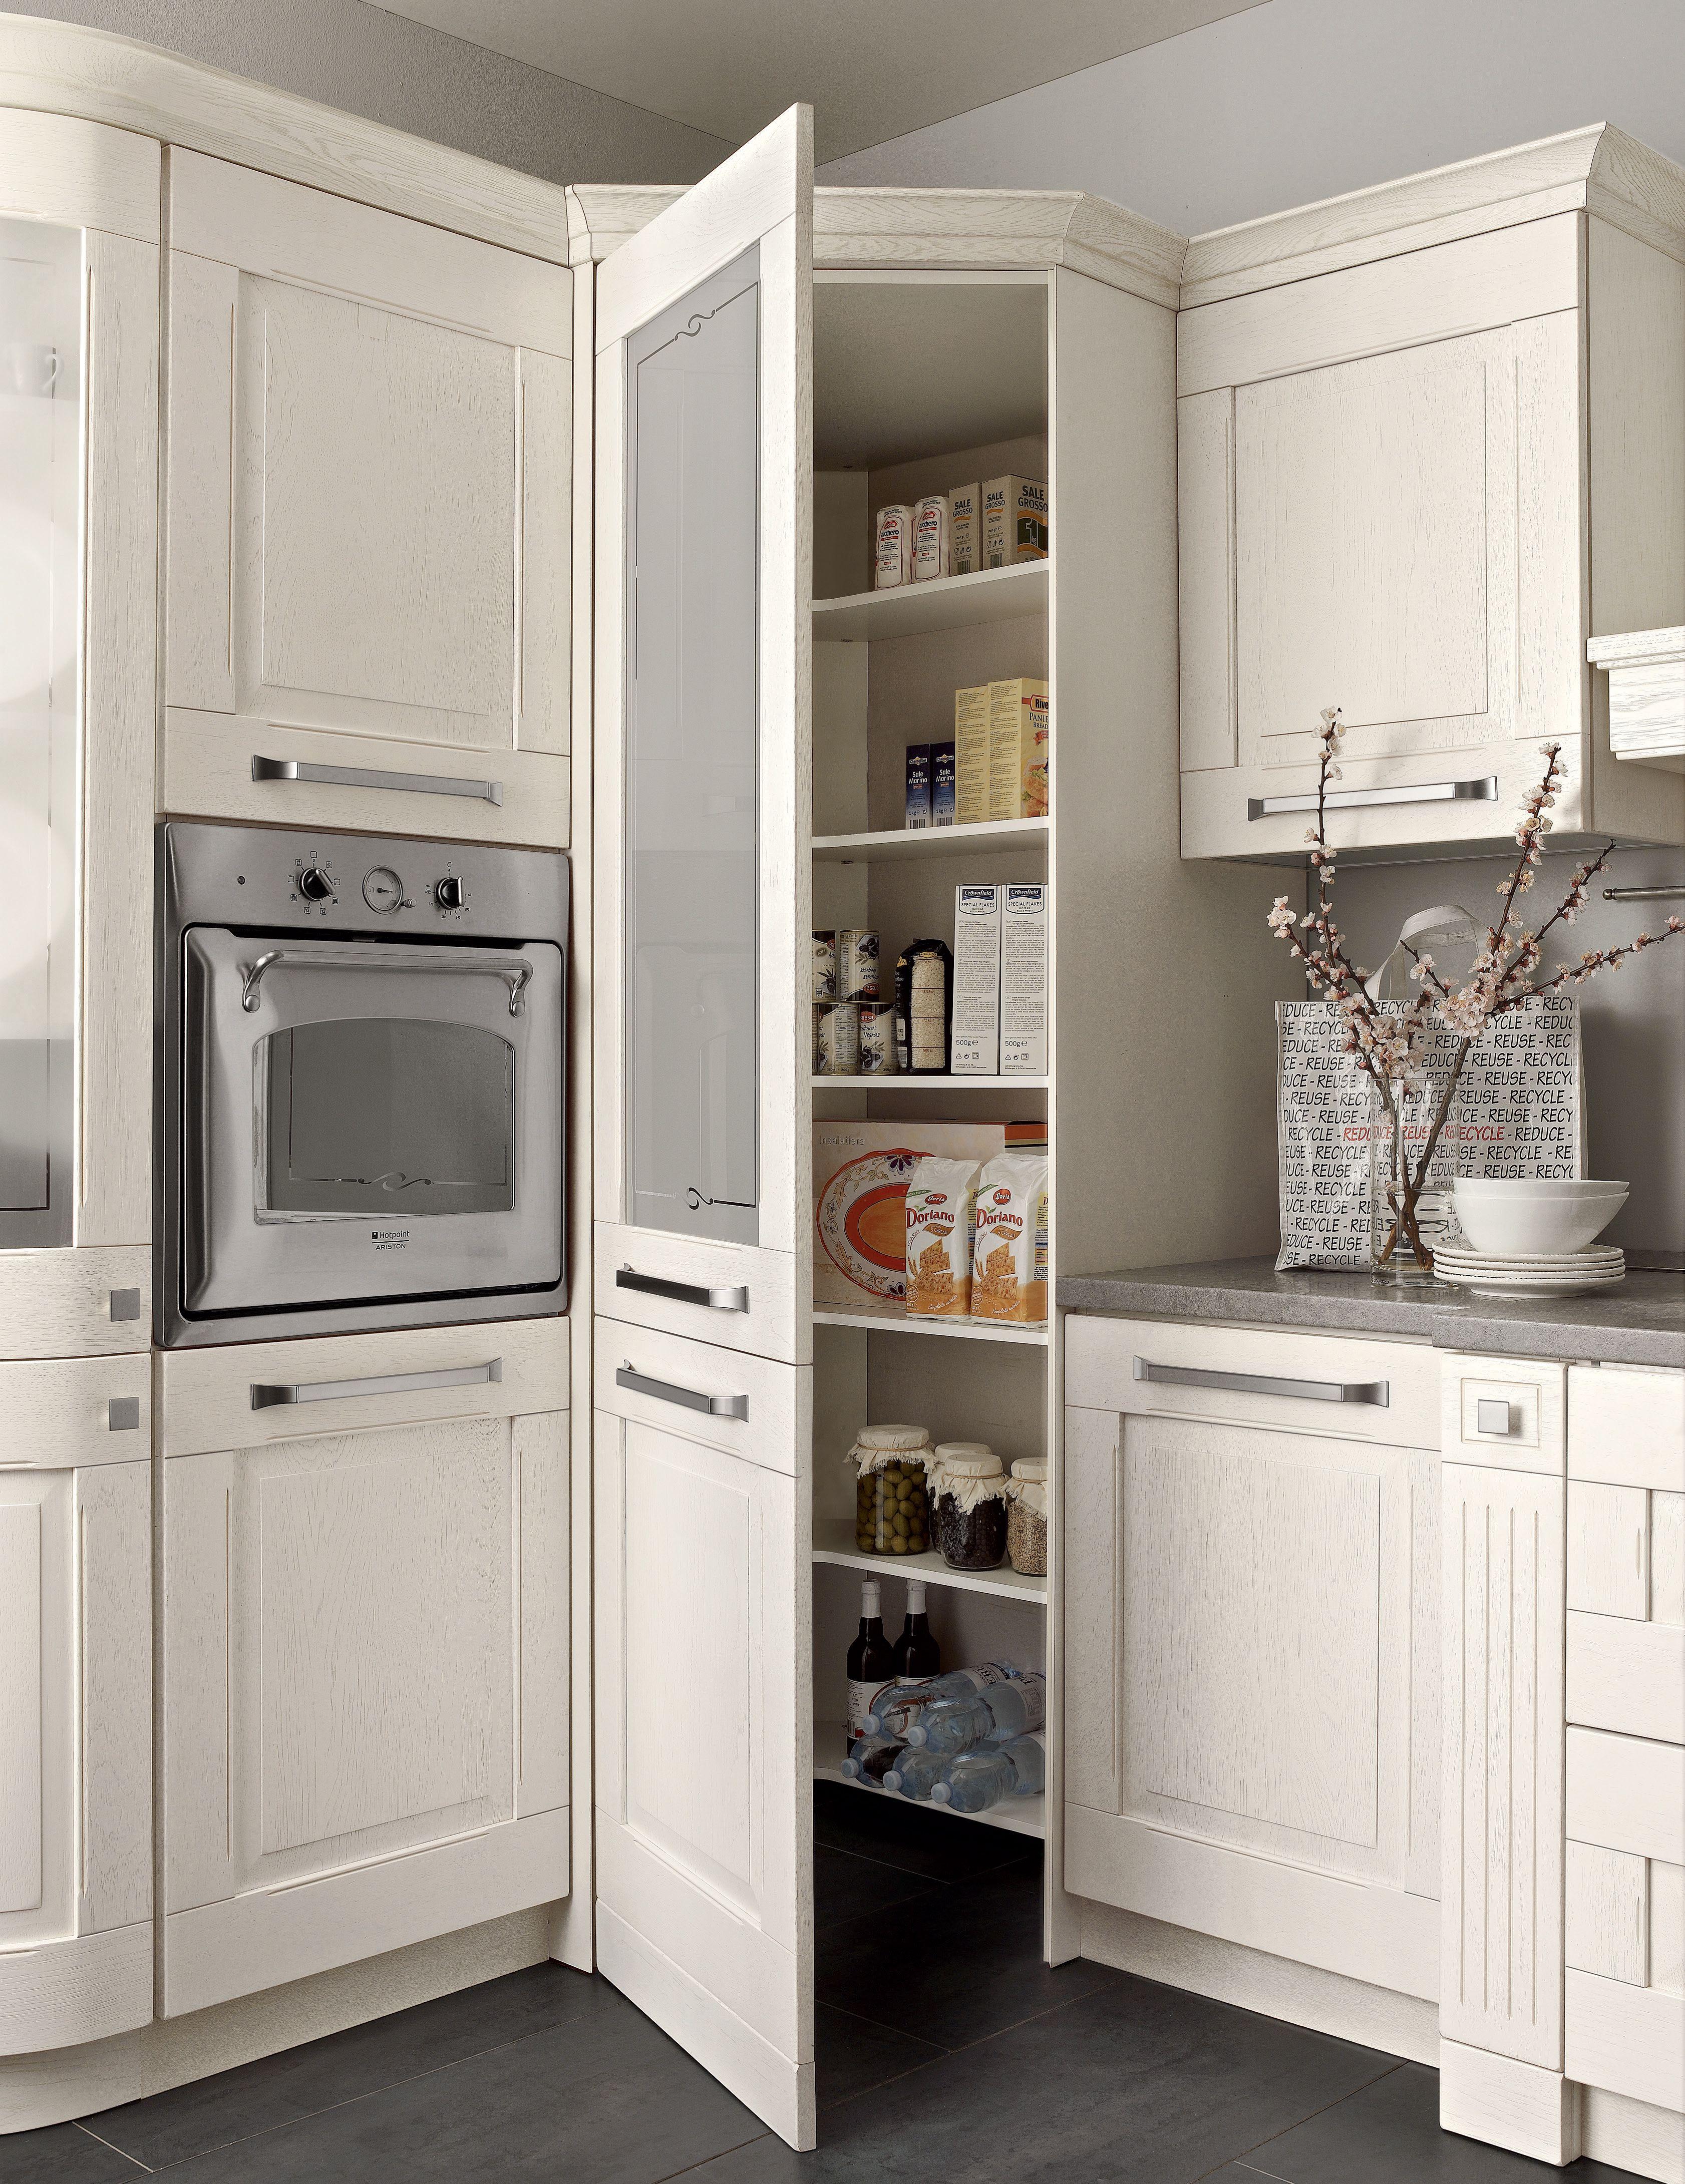 Кухня Stosa Aida в 2020 г. | Декор кухонных шкафов, Дизайн ...